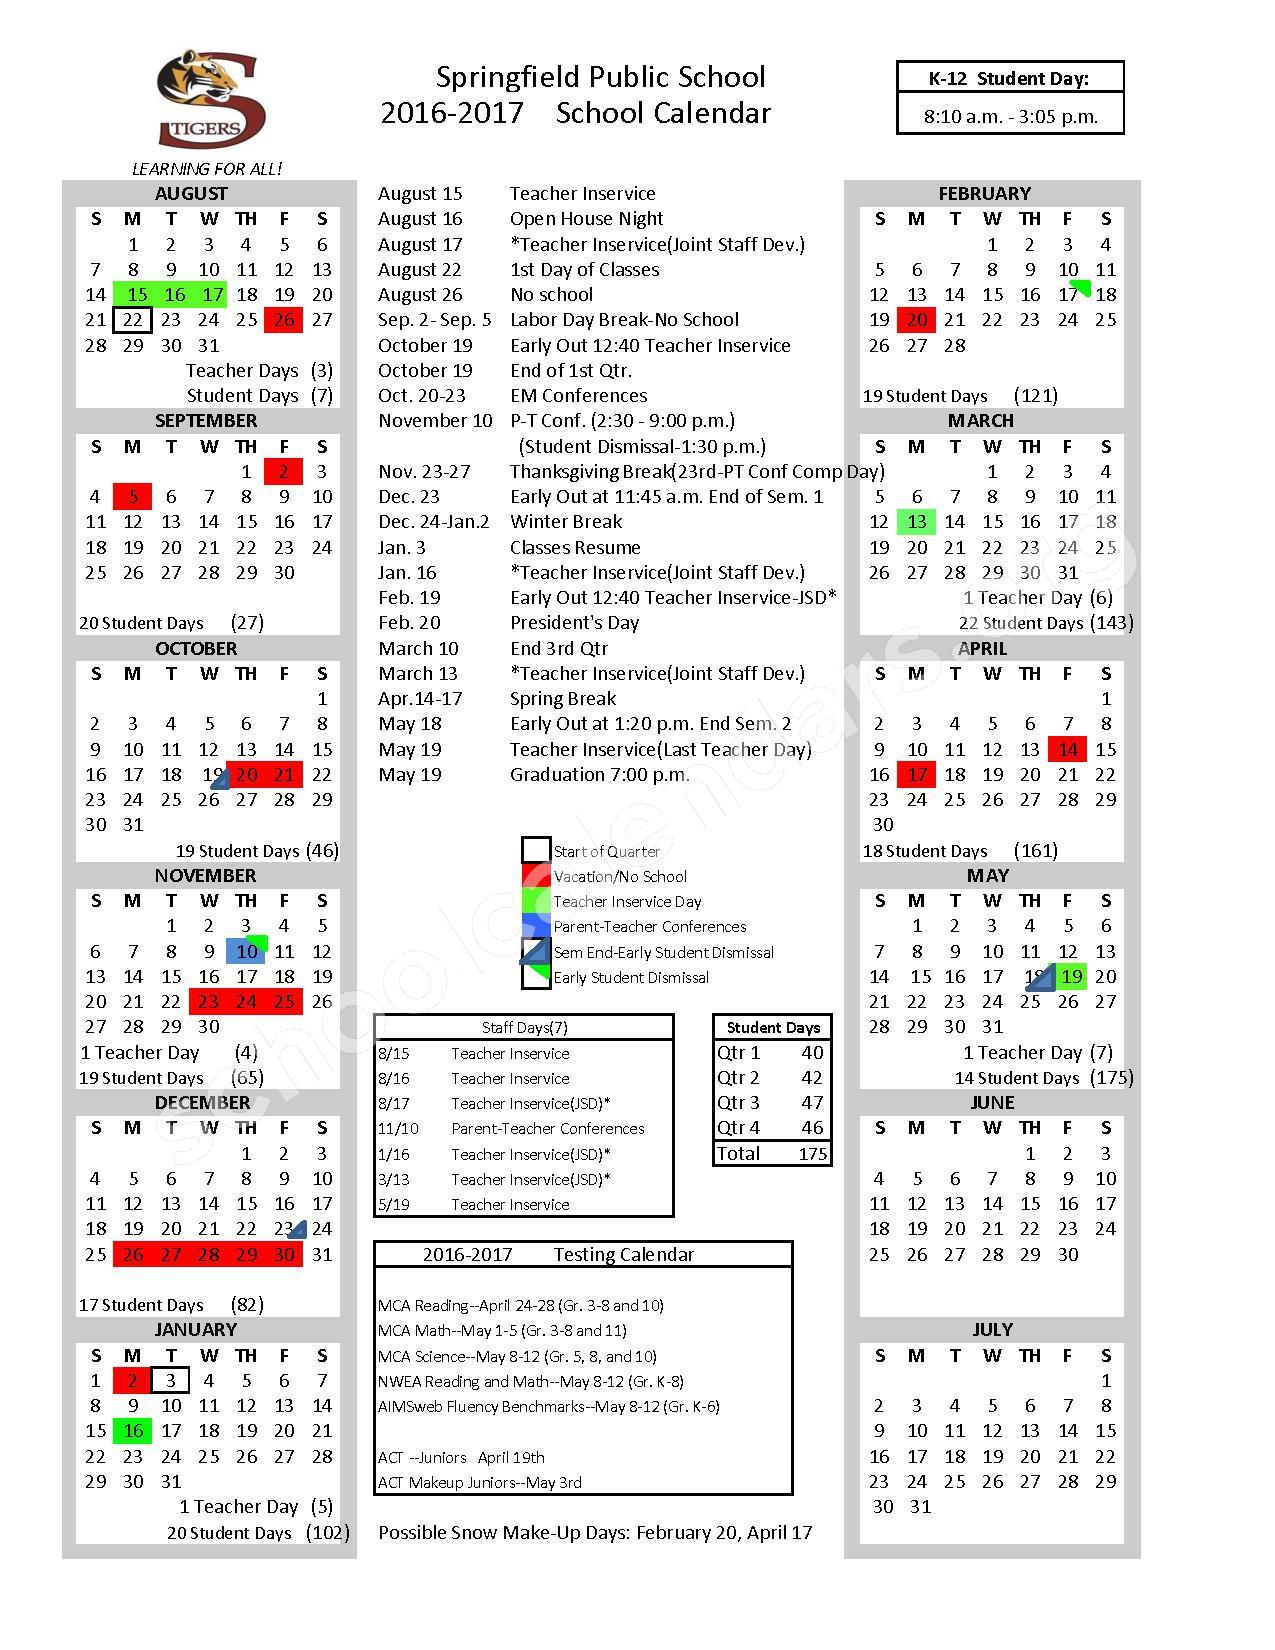 2016 - 2017 School Calendar – Springfield Public School District – page 1